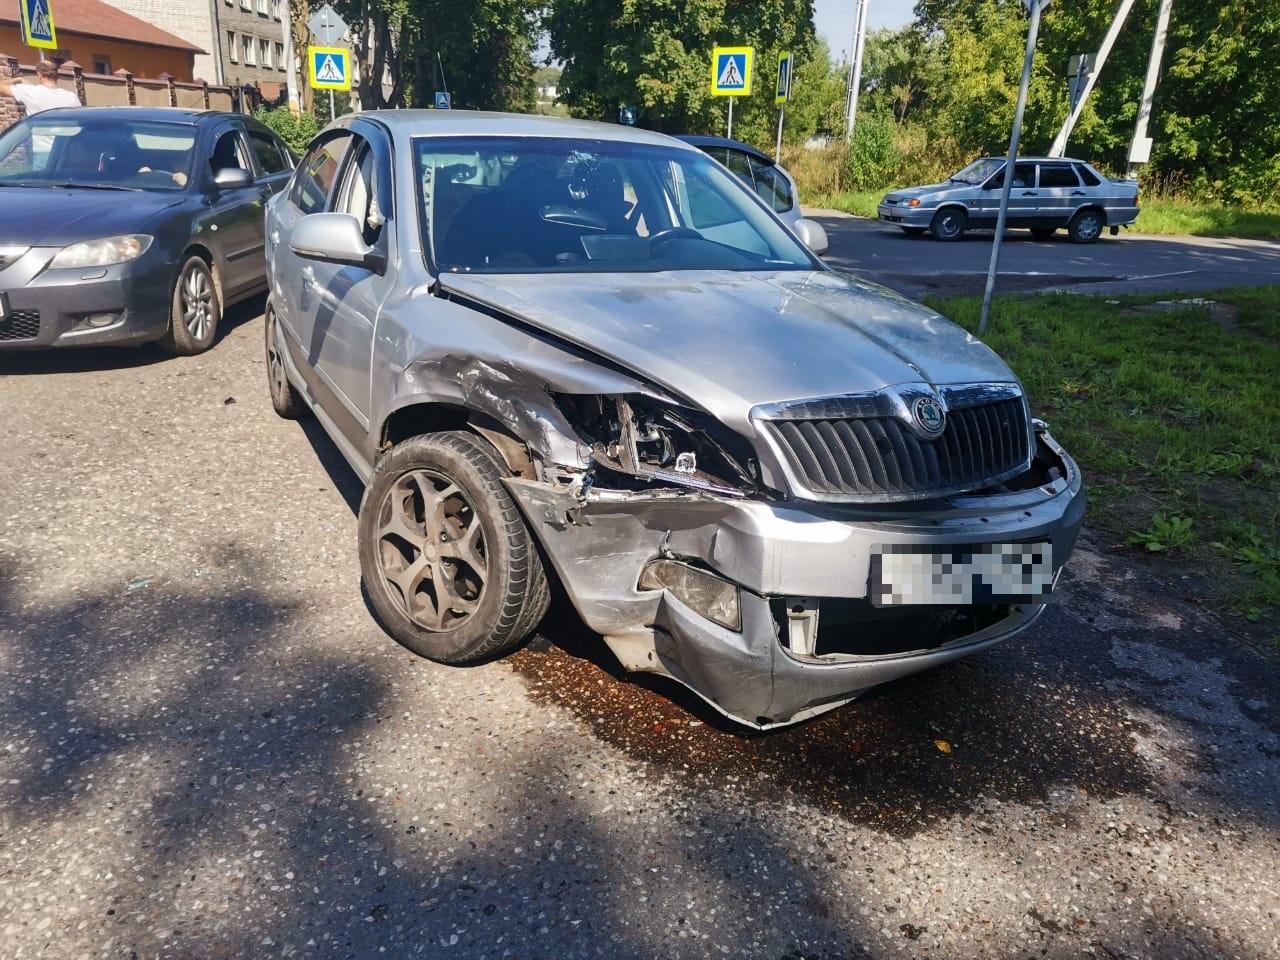 Пожилой водитель получил травмы в столкновении на перекрёстке в Тверской области